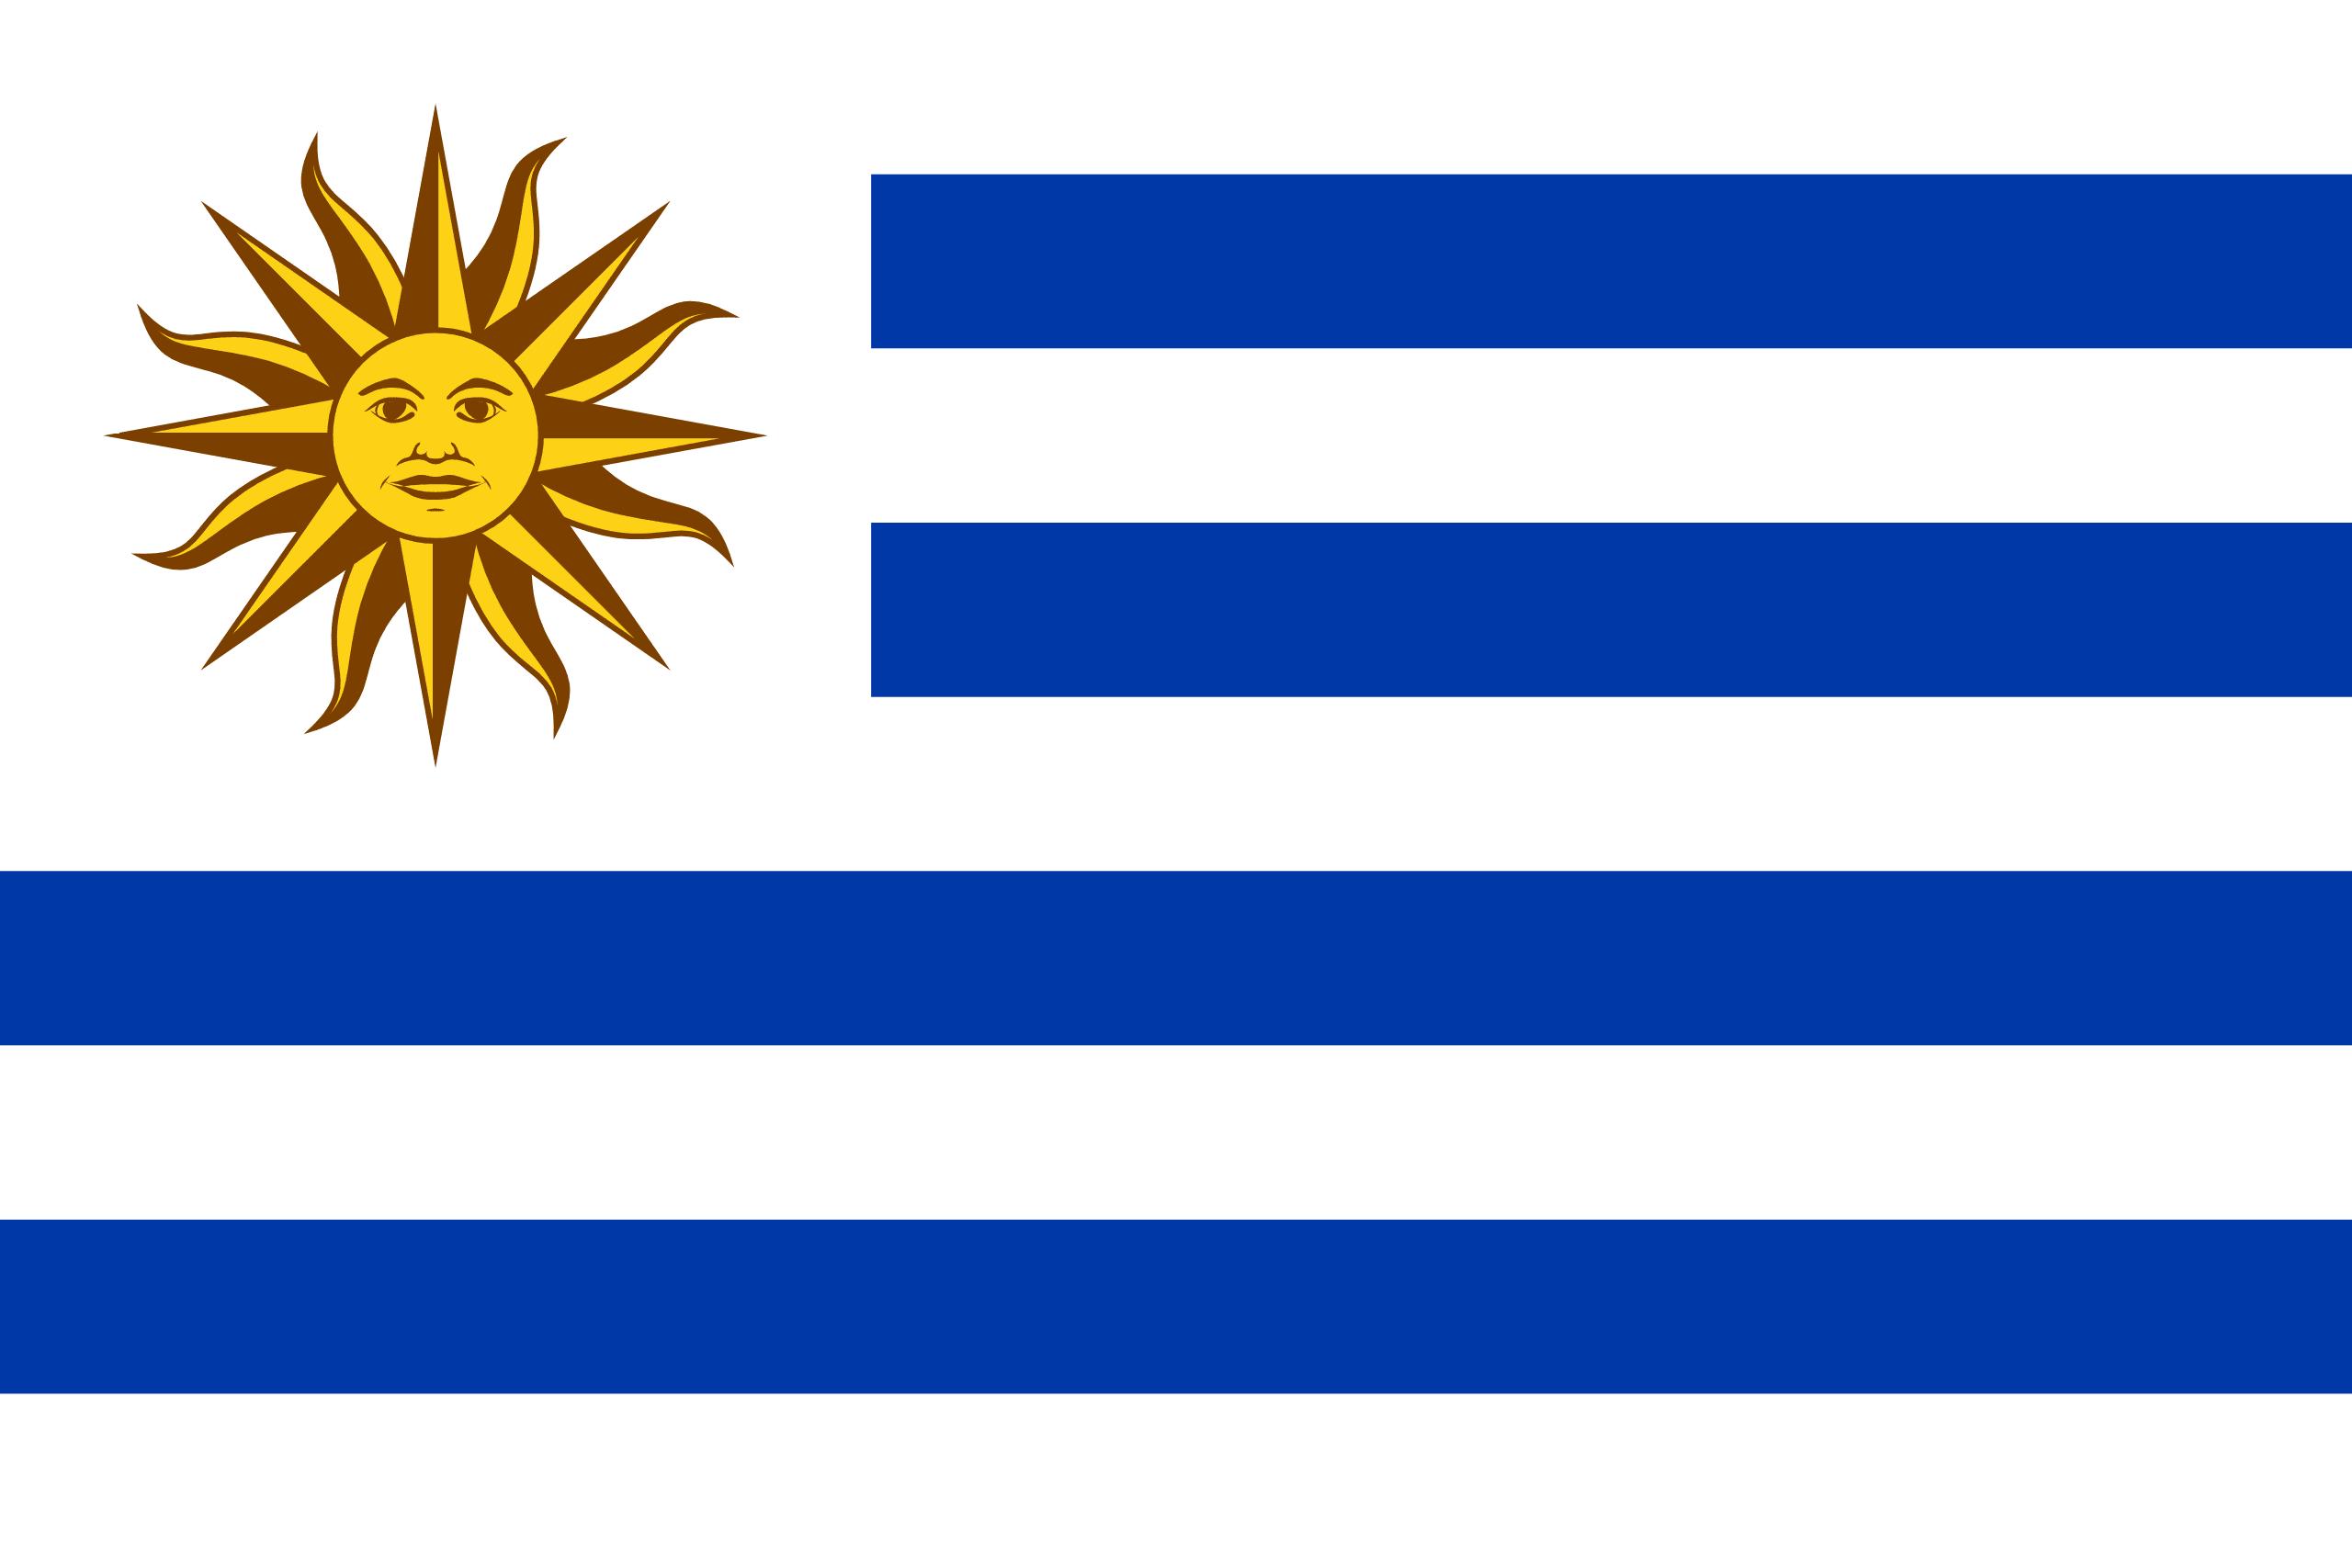 Uruguay'ın Başkenti ve Para Birimi Nedir? Uruguay'ın Bayrağı Nasıldır?